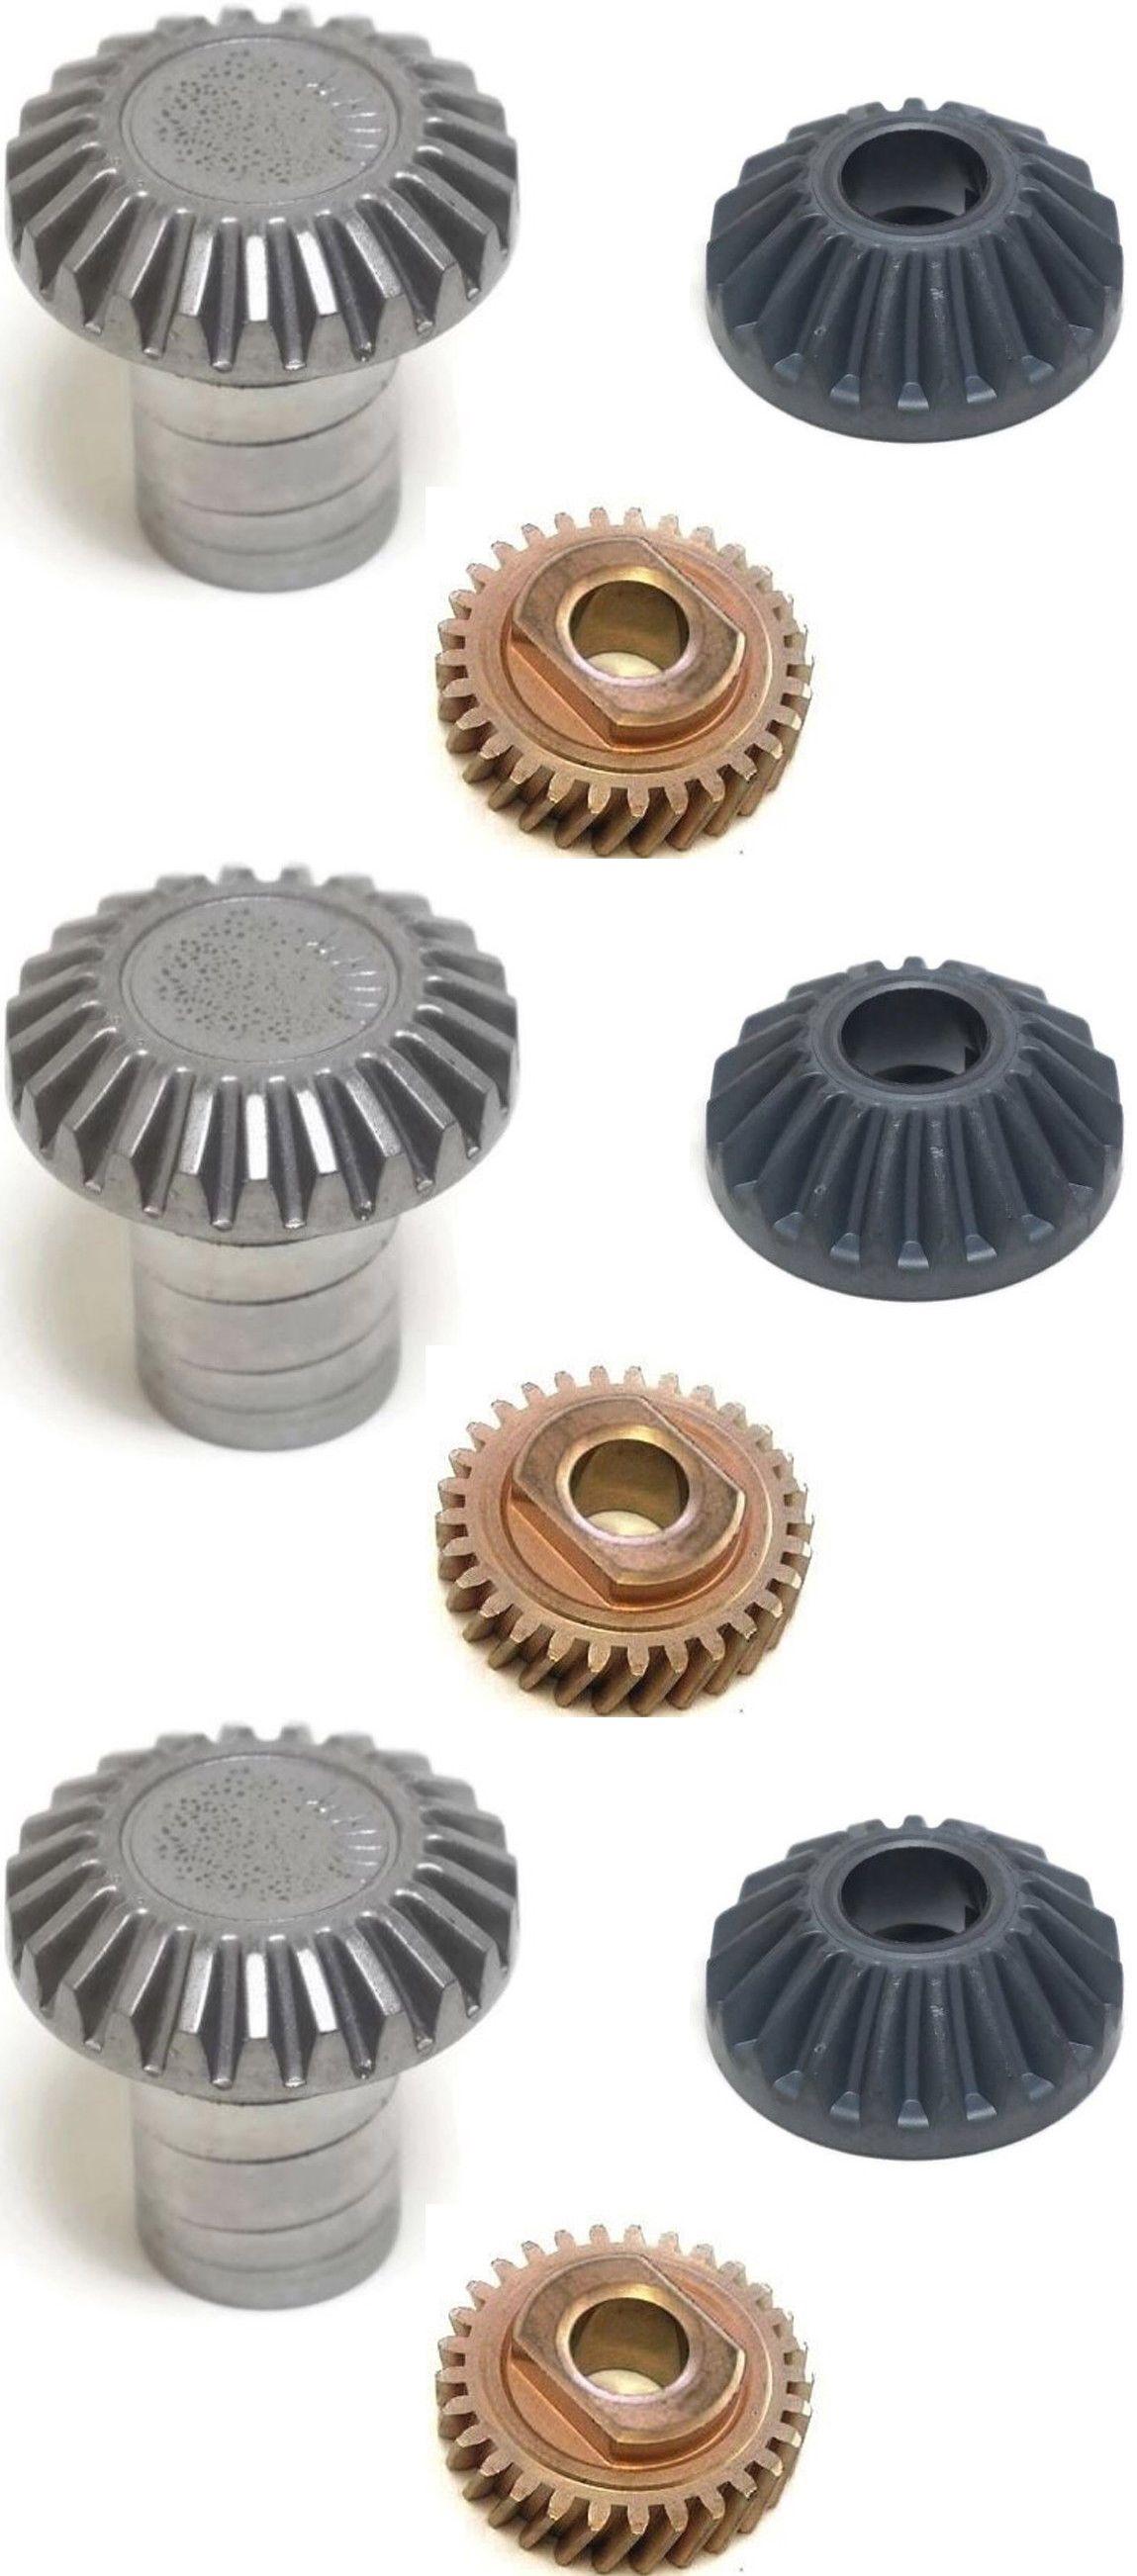 Countertop Mixers 133701 Kitchenaid Mixer Gears 9703337 9703338